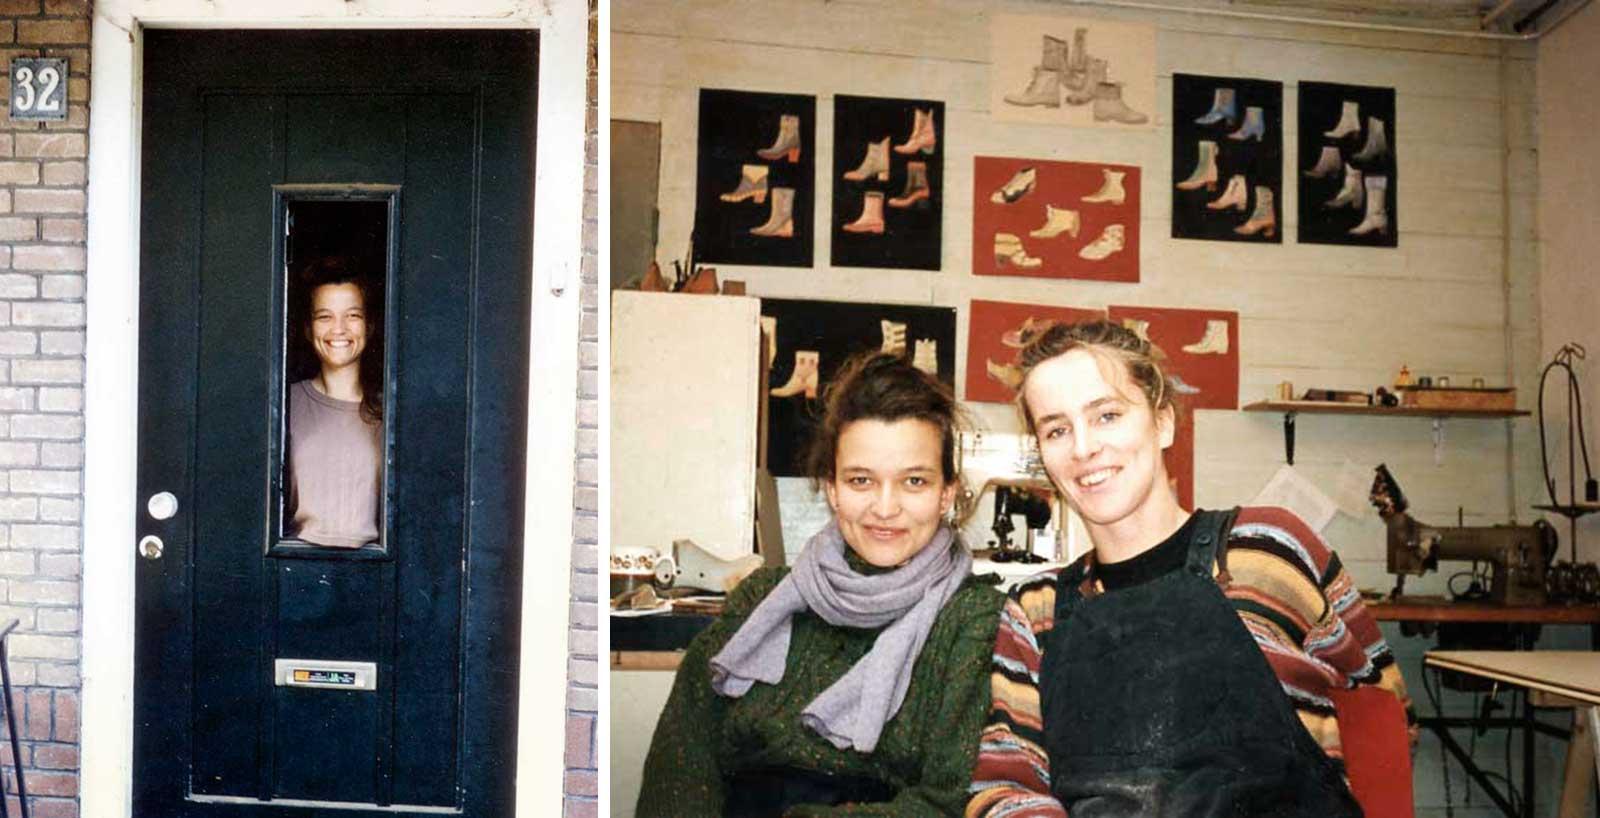 Studententijd, rechts in het schoenenatelier ban Anne Biemans